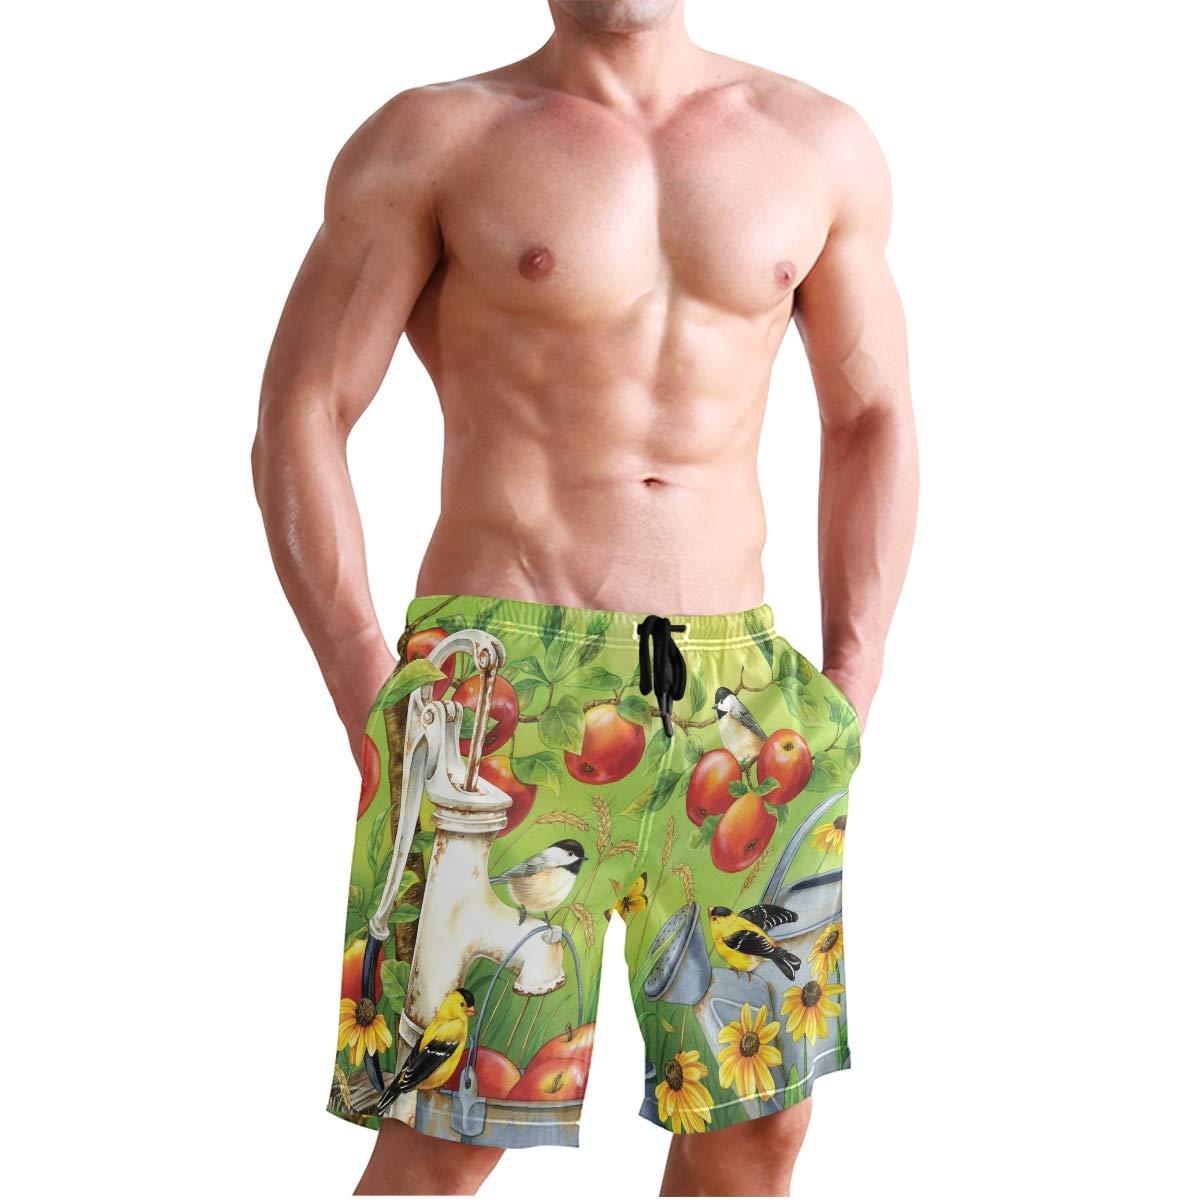 Amazon.com: Pantalones cortos de playa para hombre, estilo ...